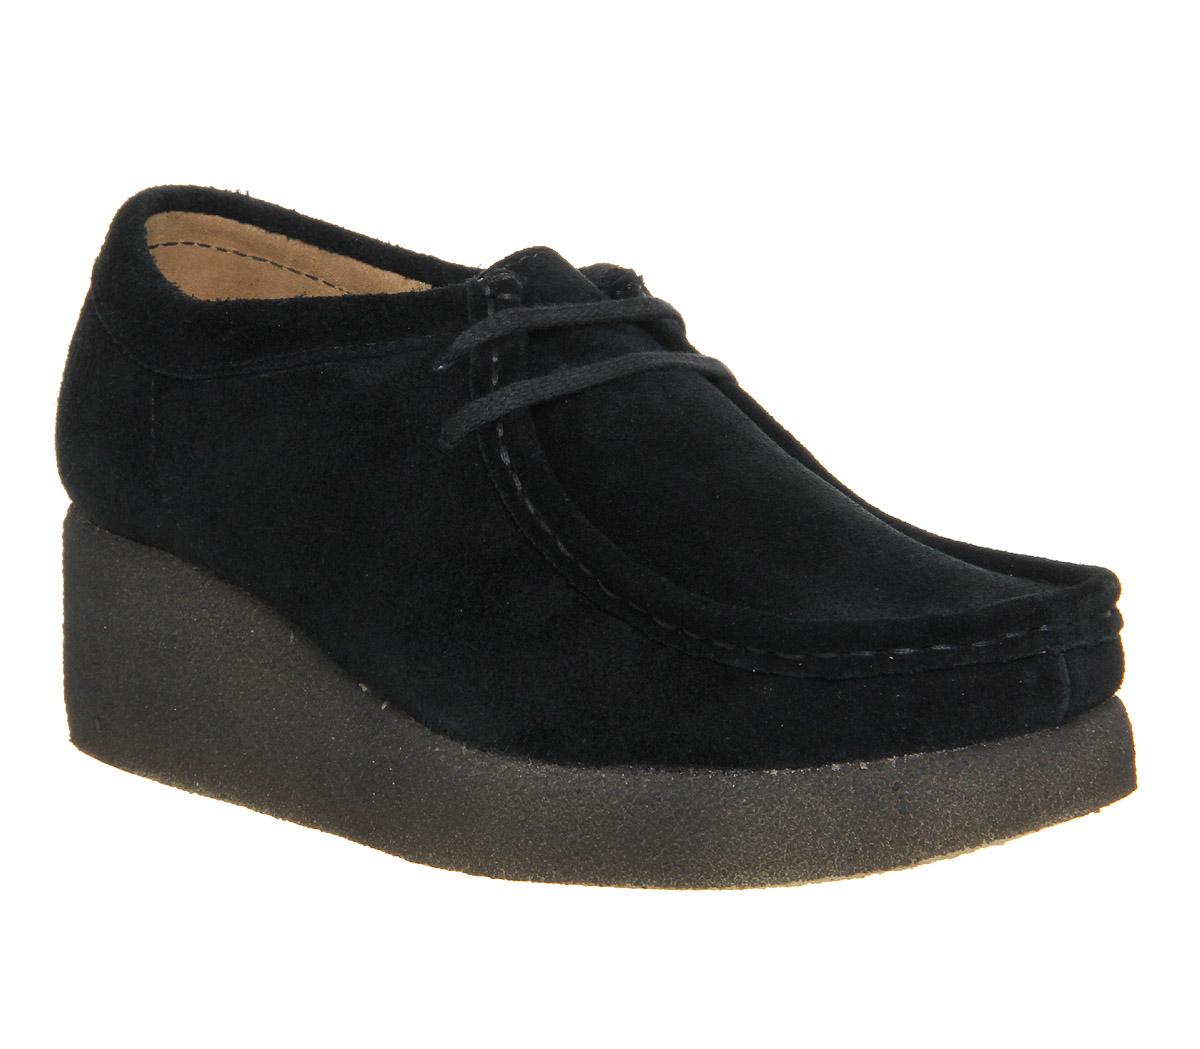 Clarks Shoes Lancaster